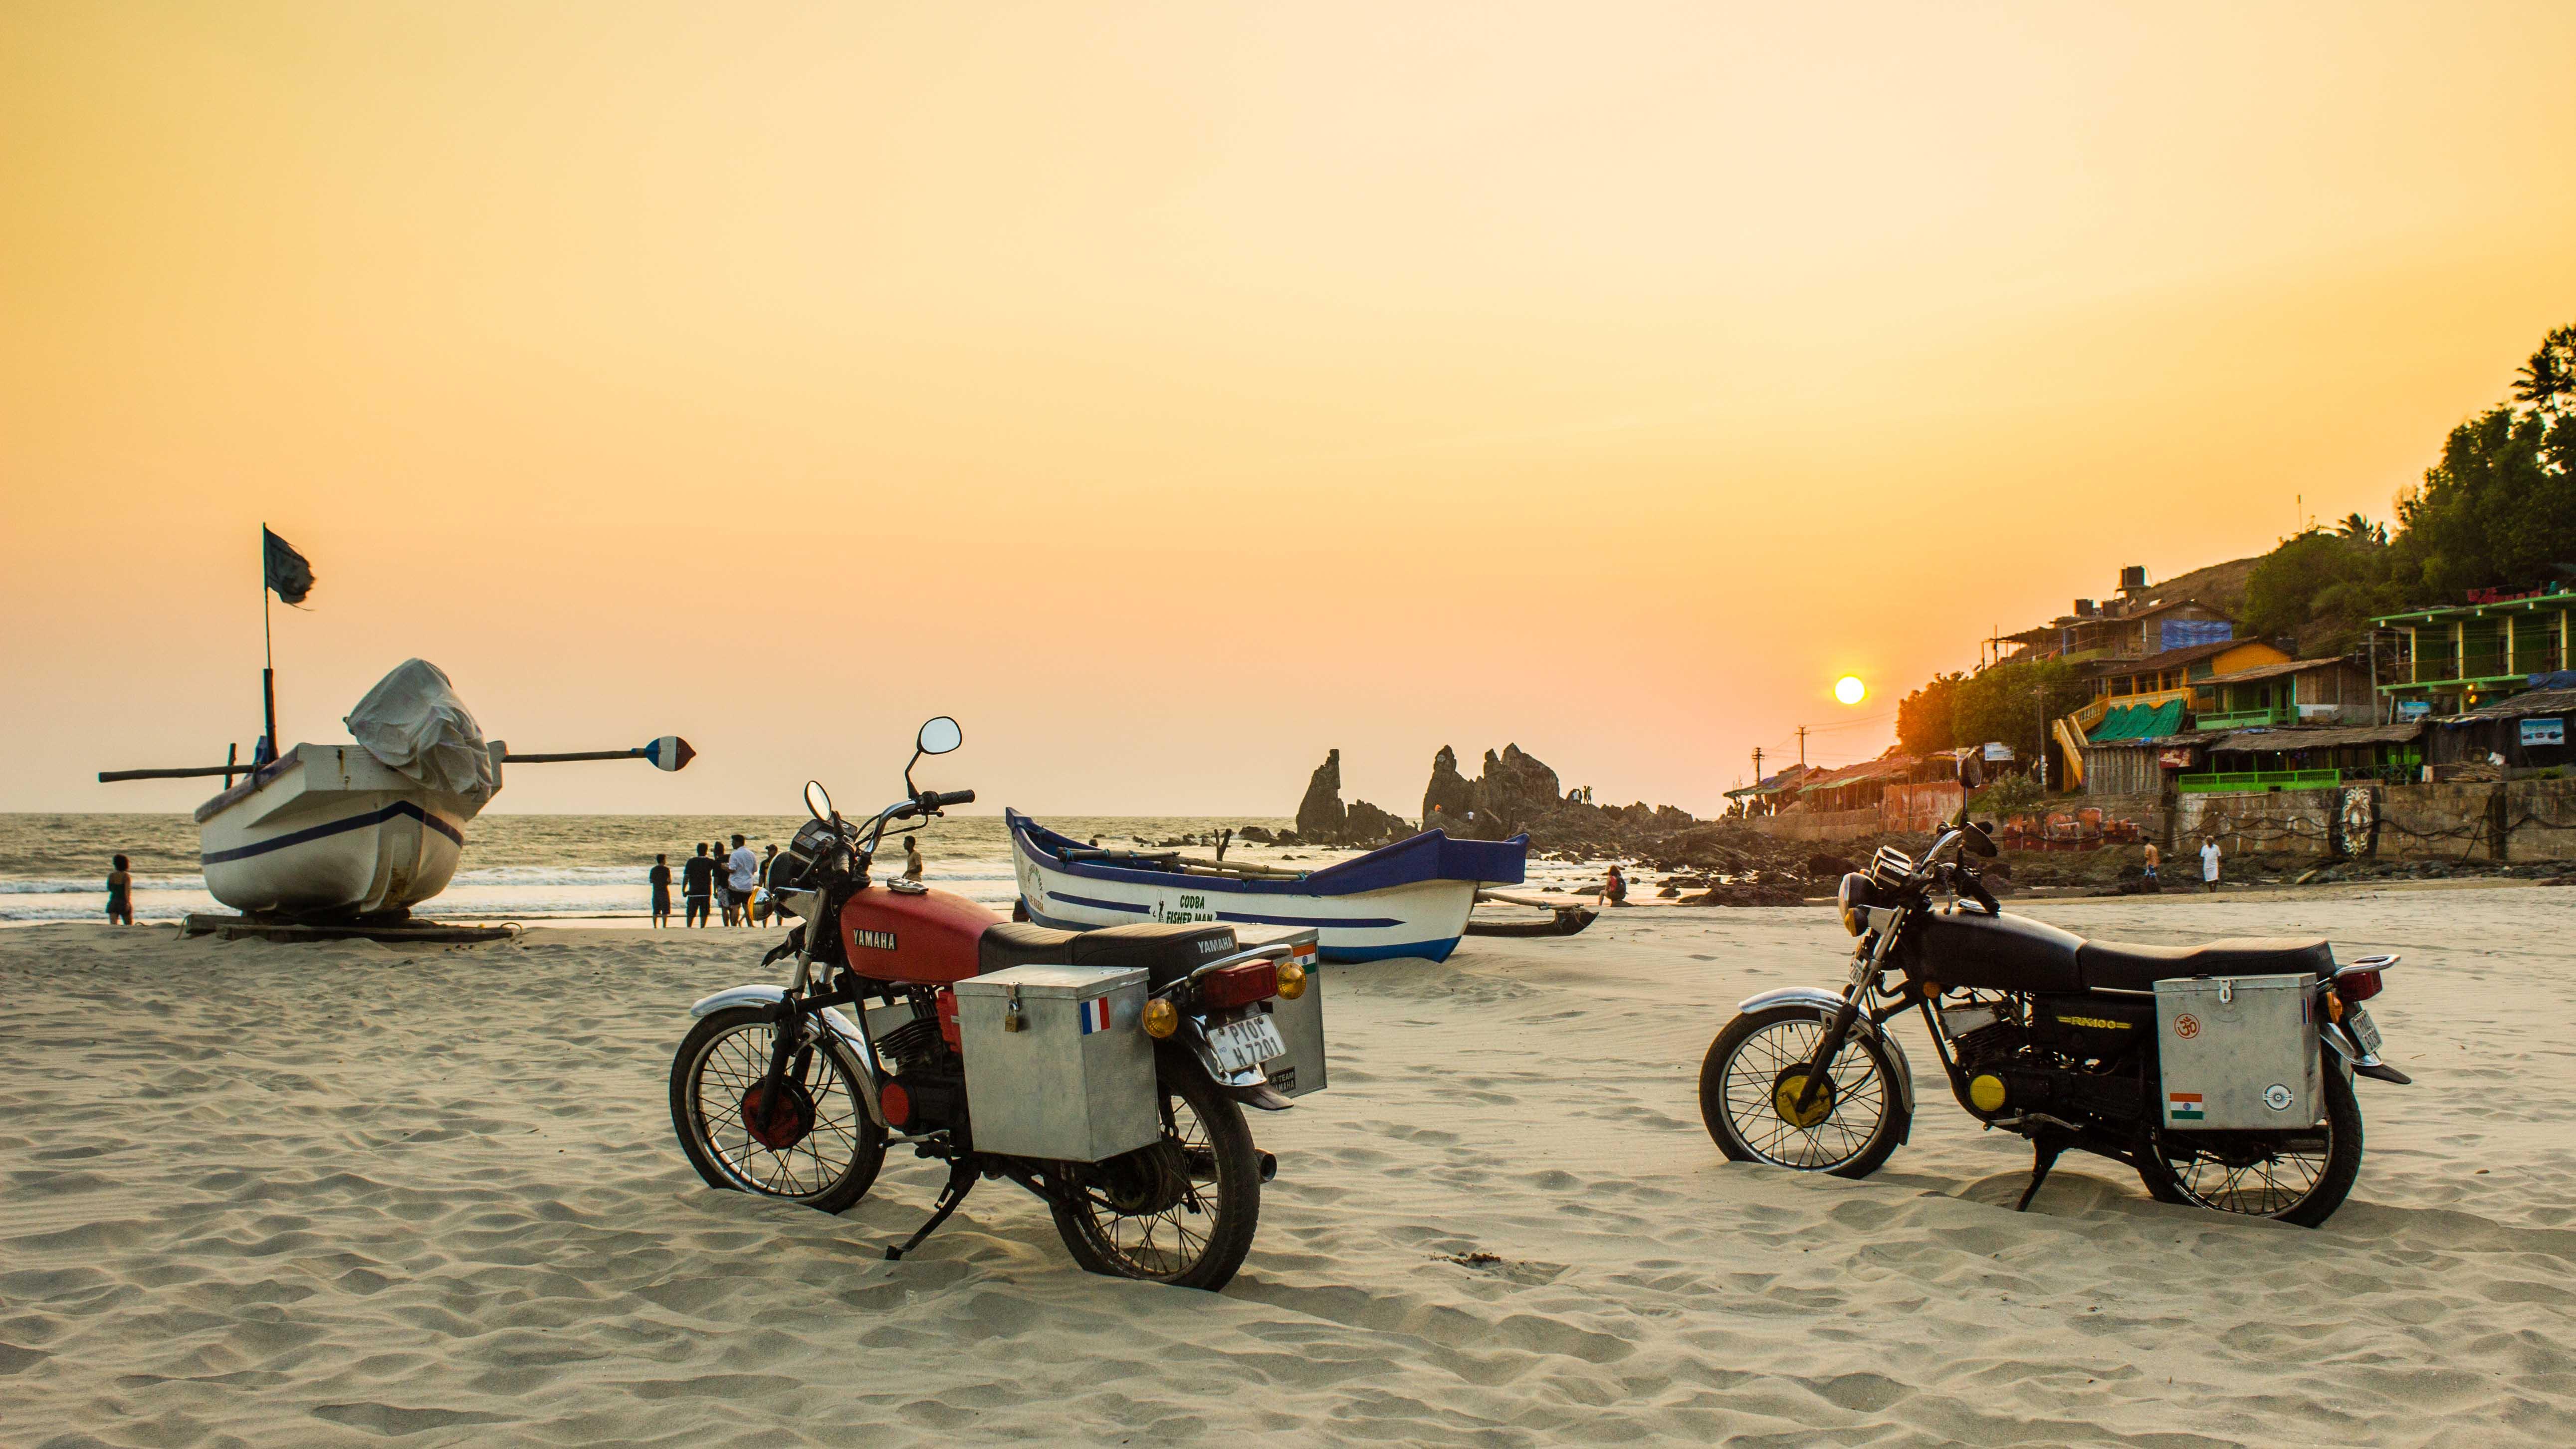 Les roues dans le sable à Goa, entre mer d'Oman et cocotiers, vue de la route par lolo&john photographers